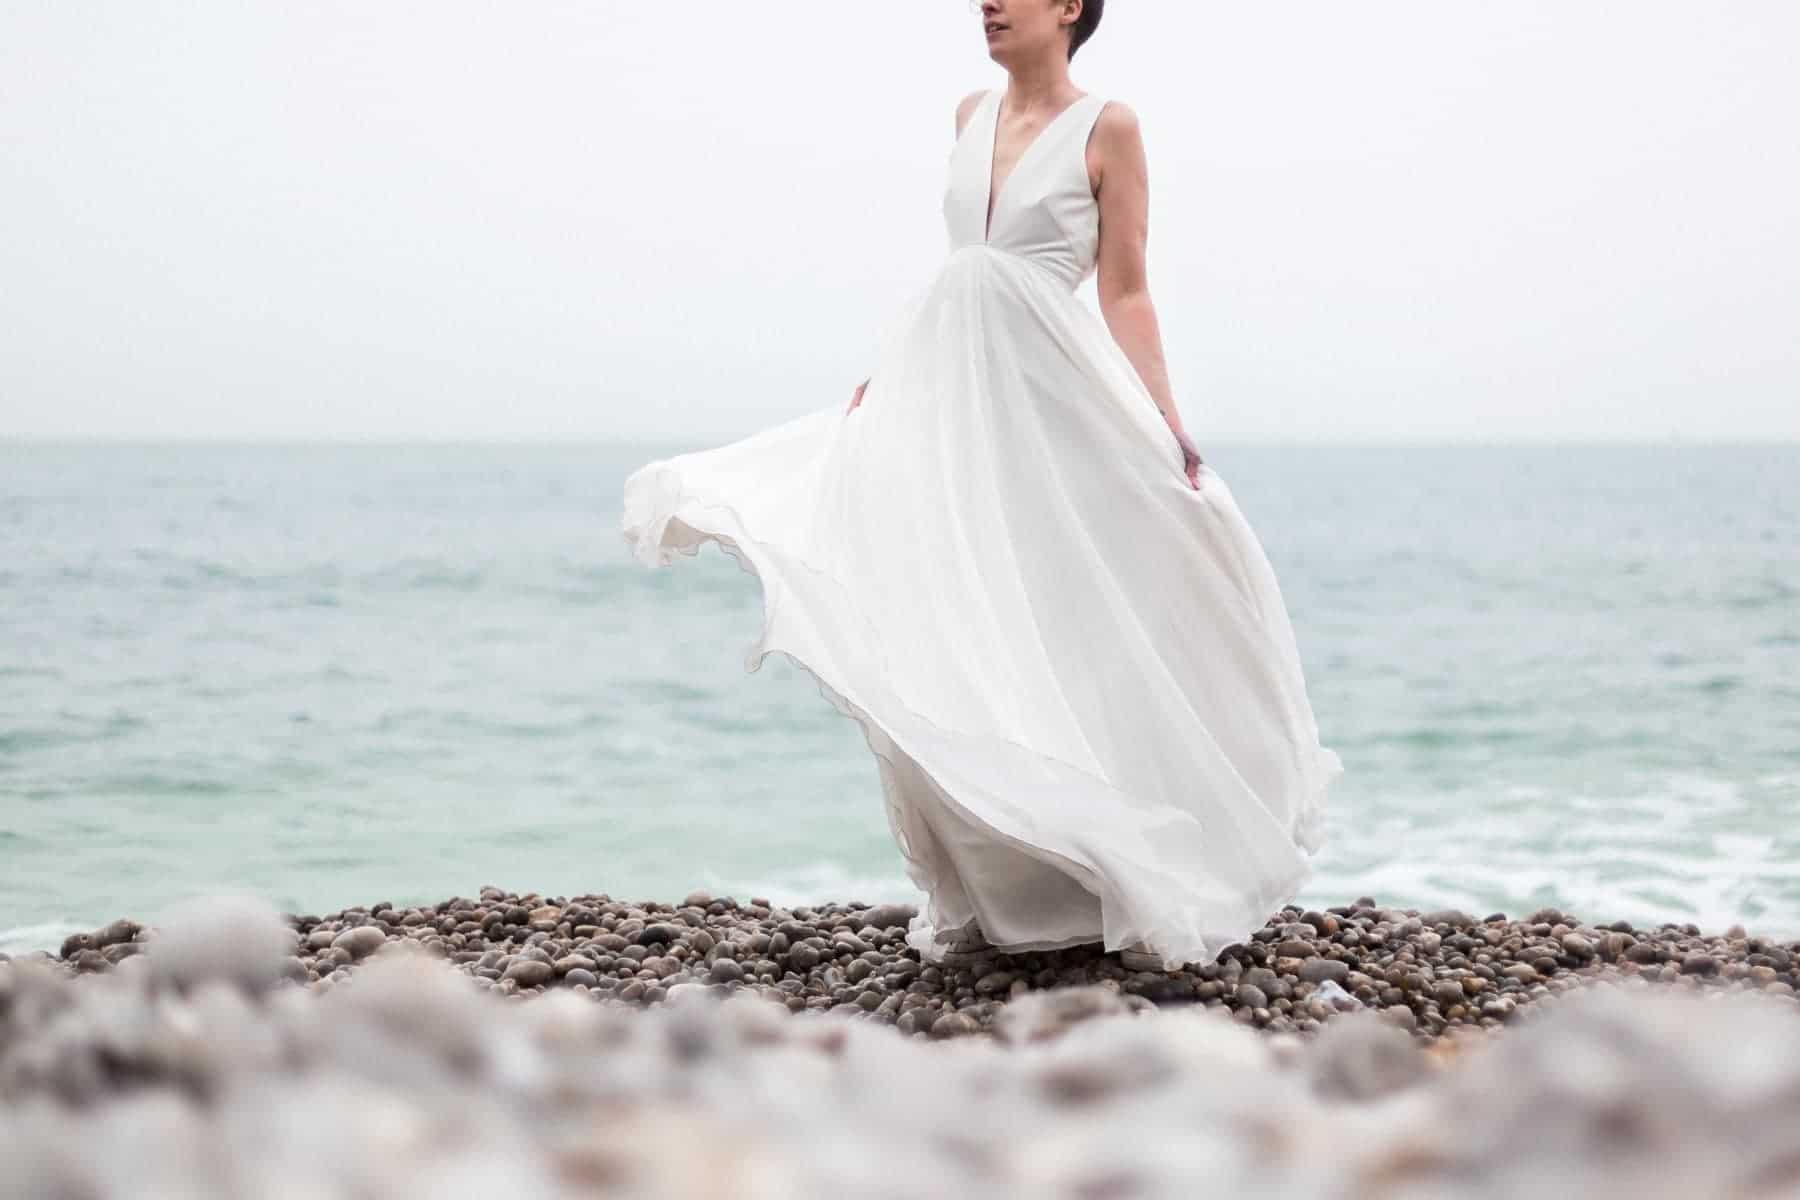 La mariée danse sur la plage d'Etretat en Normandie avec sa robe de créatrice